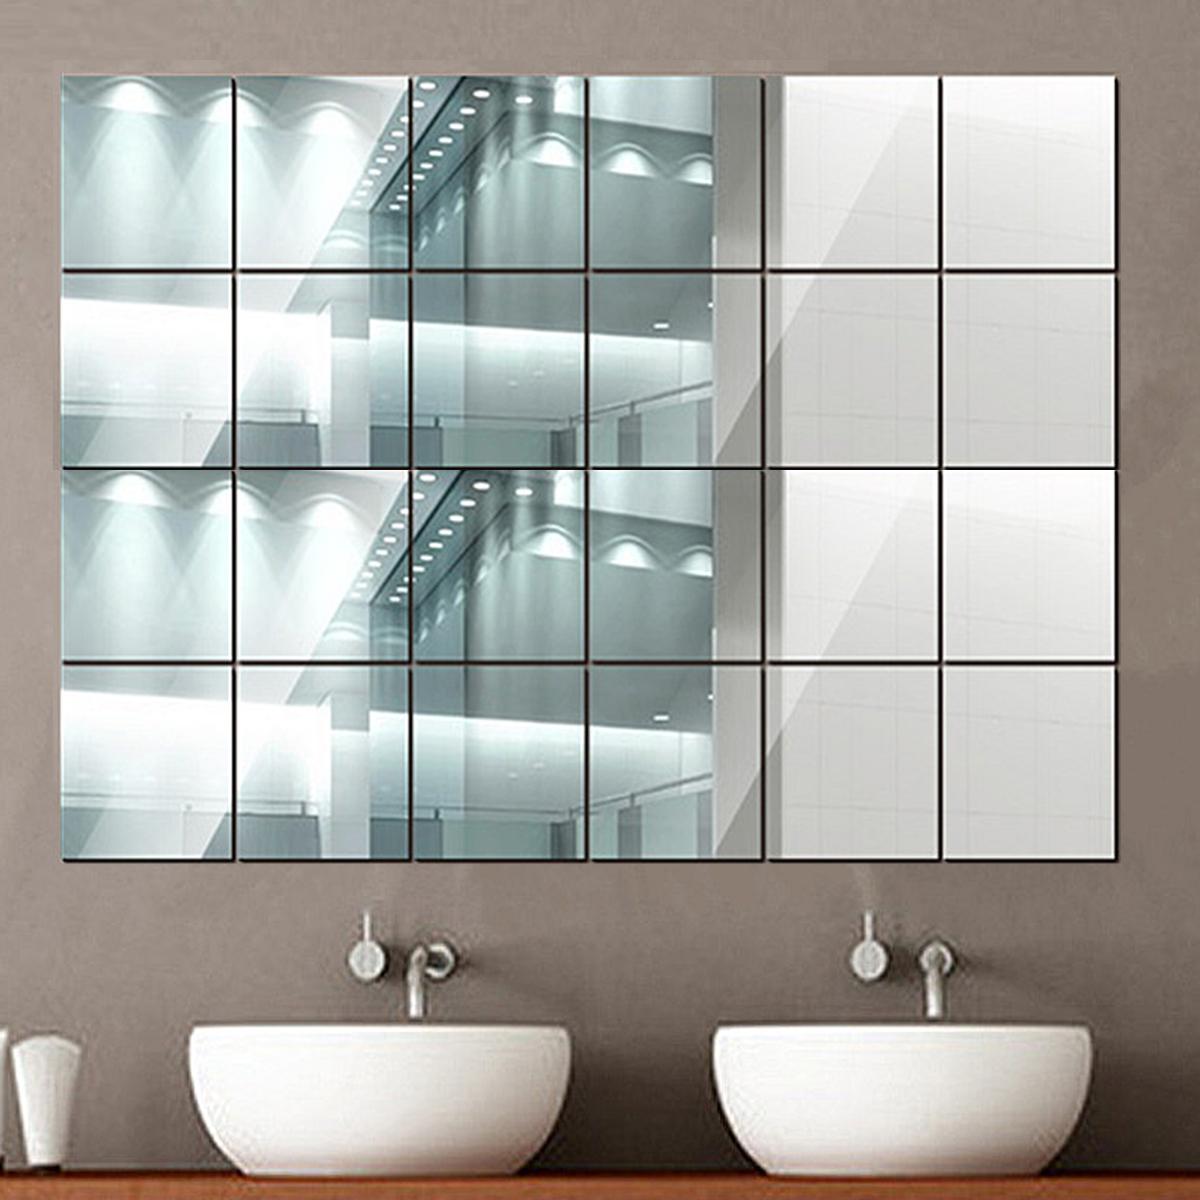 20X Spiegelfliesen Wandspiegel PVC Spiegelfolie Selbstklebend Aufkleber